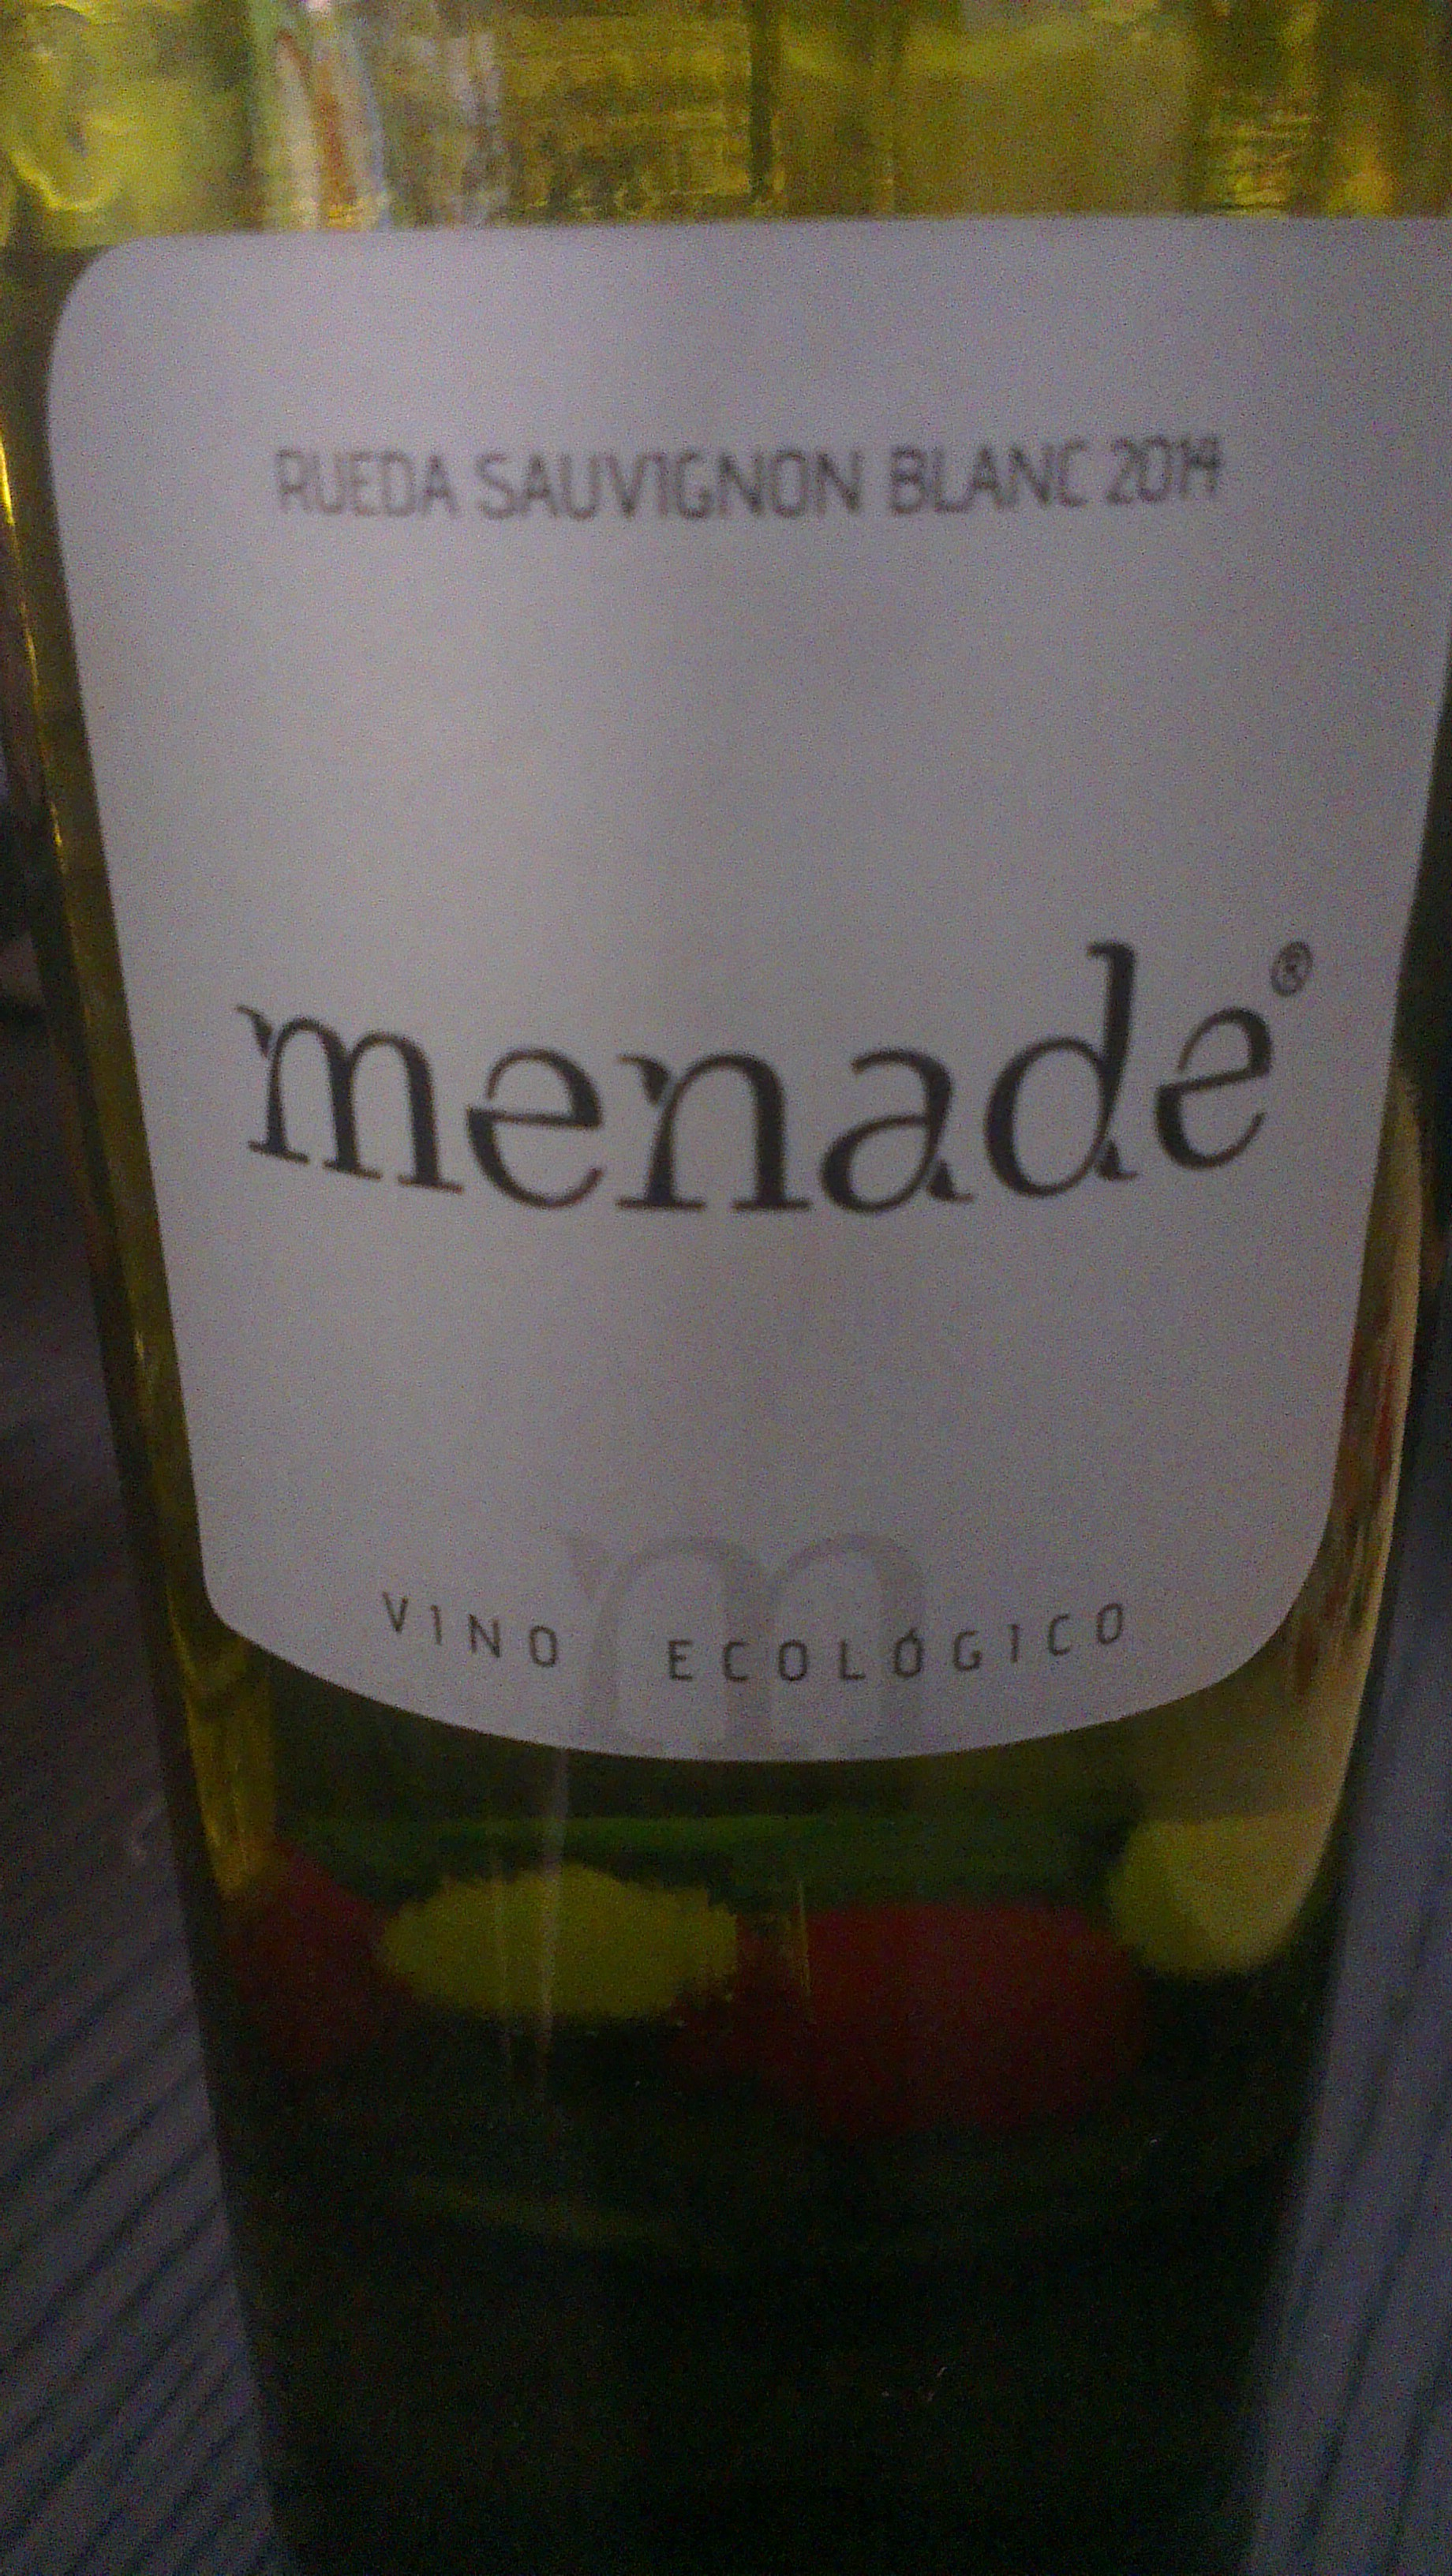 Menade Sauvignon Blanc 2014, un blanco fresco y ecológico de Rueda